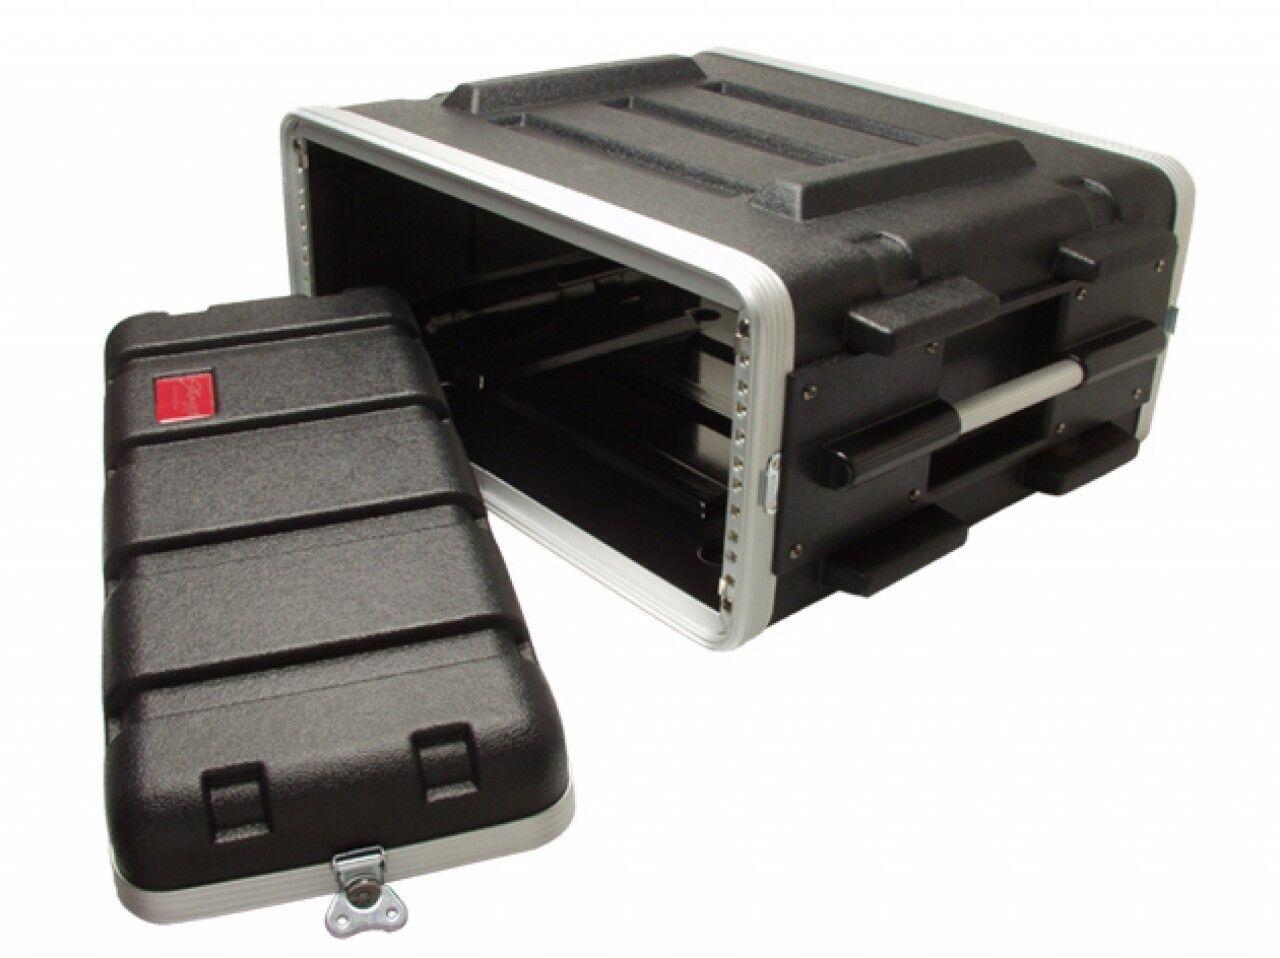 4HE 19  Kunststoffrack Kunststoffcase Hartschalenrack Effektrack  ABS Case